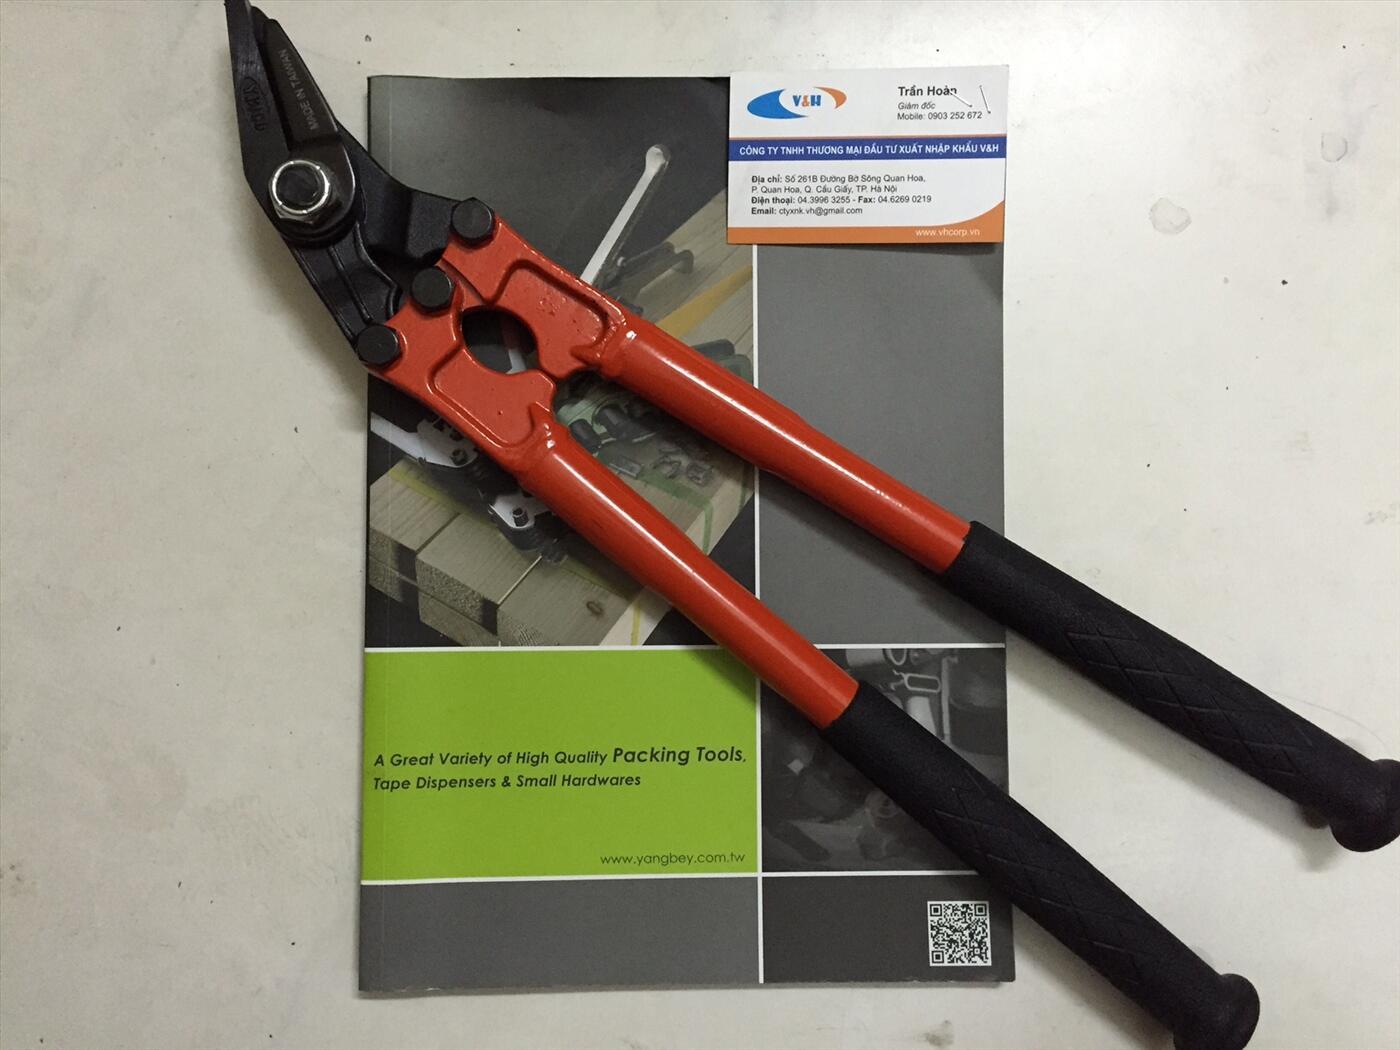 Kìm - Kéo cắt dây đai Thép YBICO H300